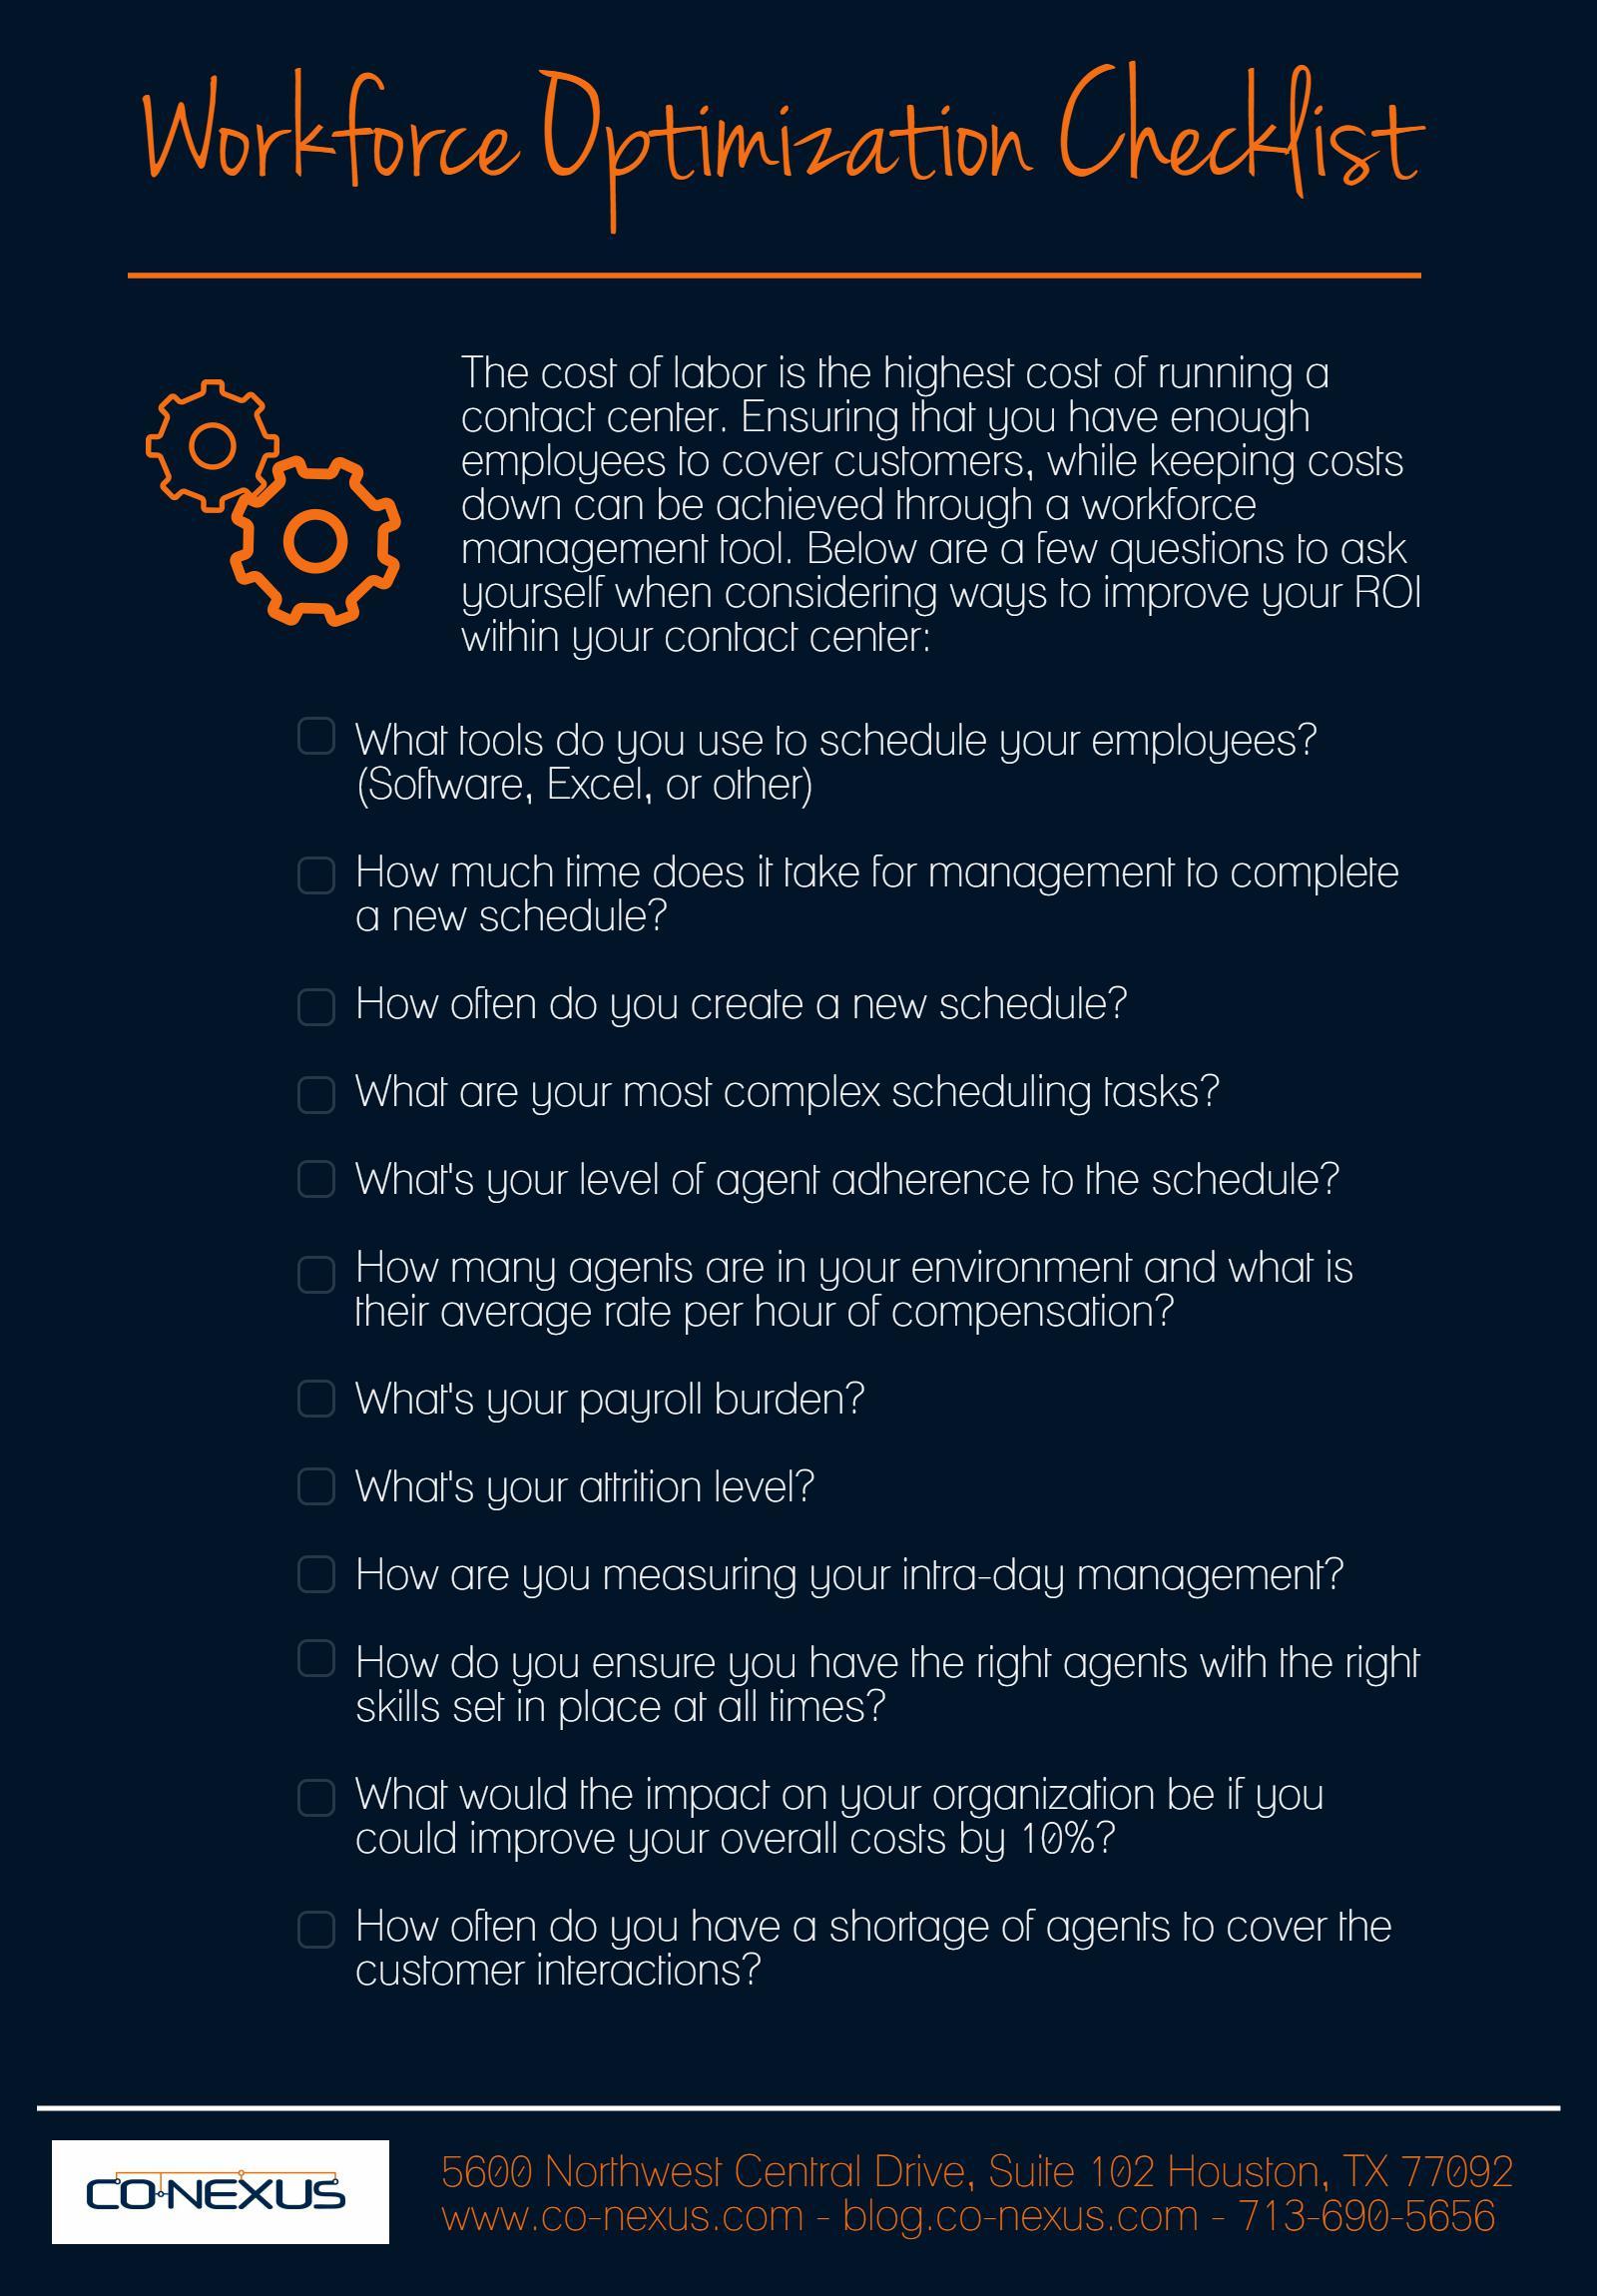 Workforce Optimization Checklist